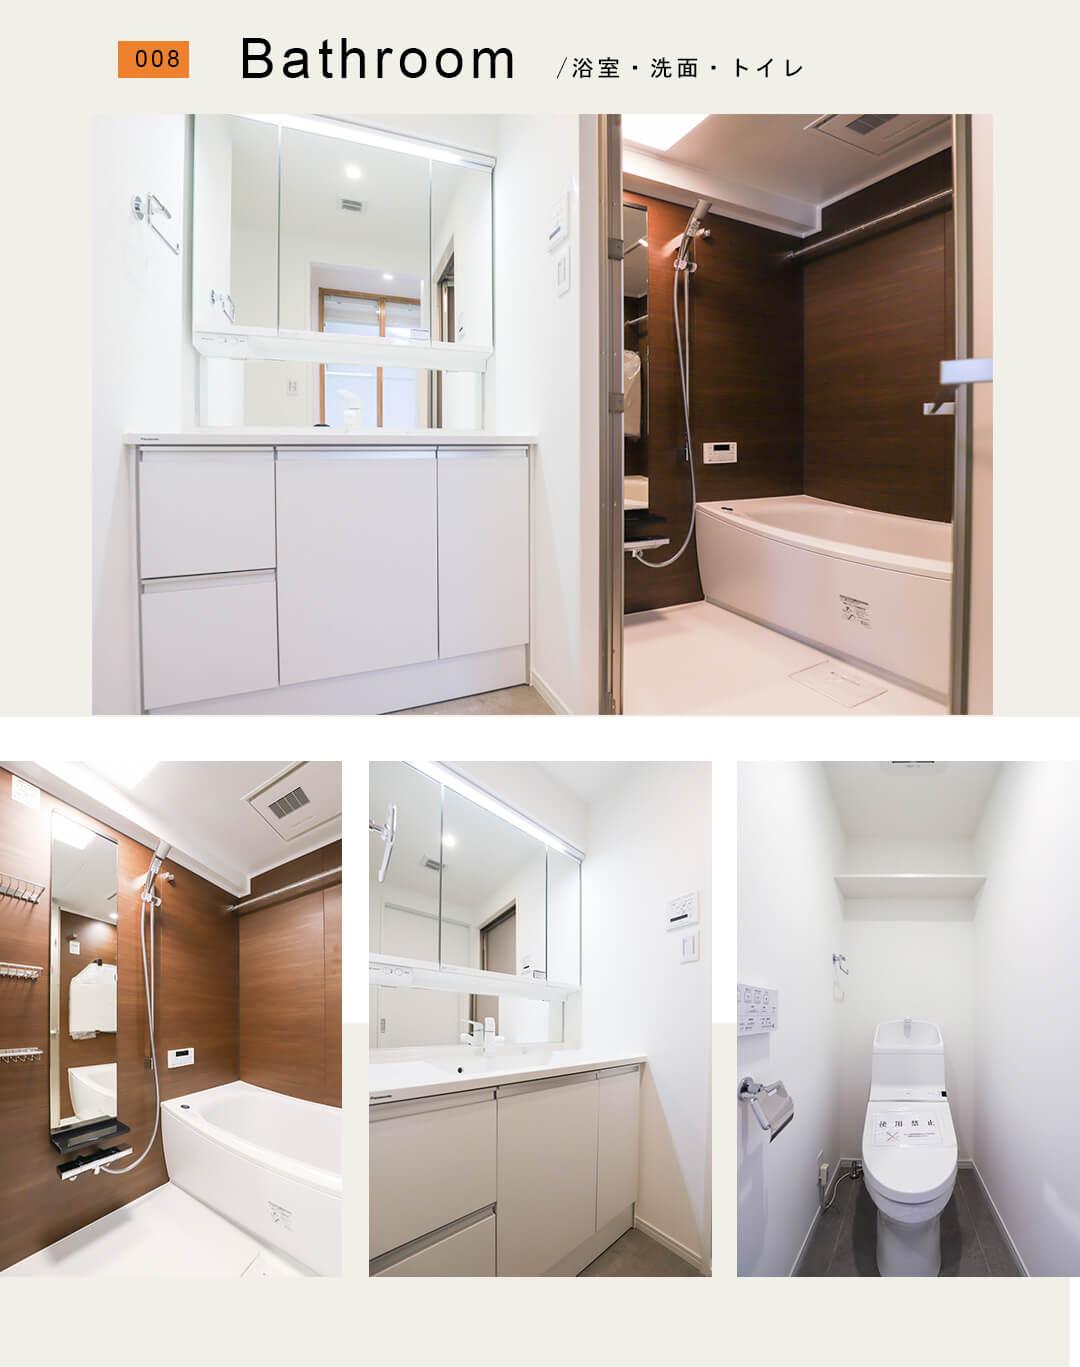 マイキャッスルセンター北の浴室